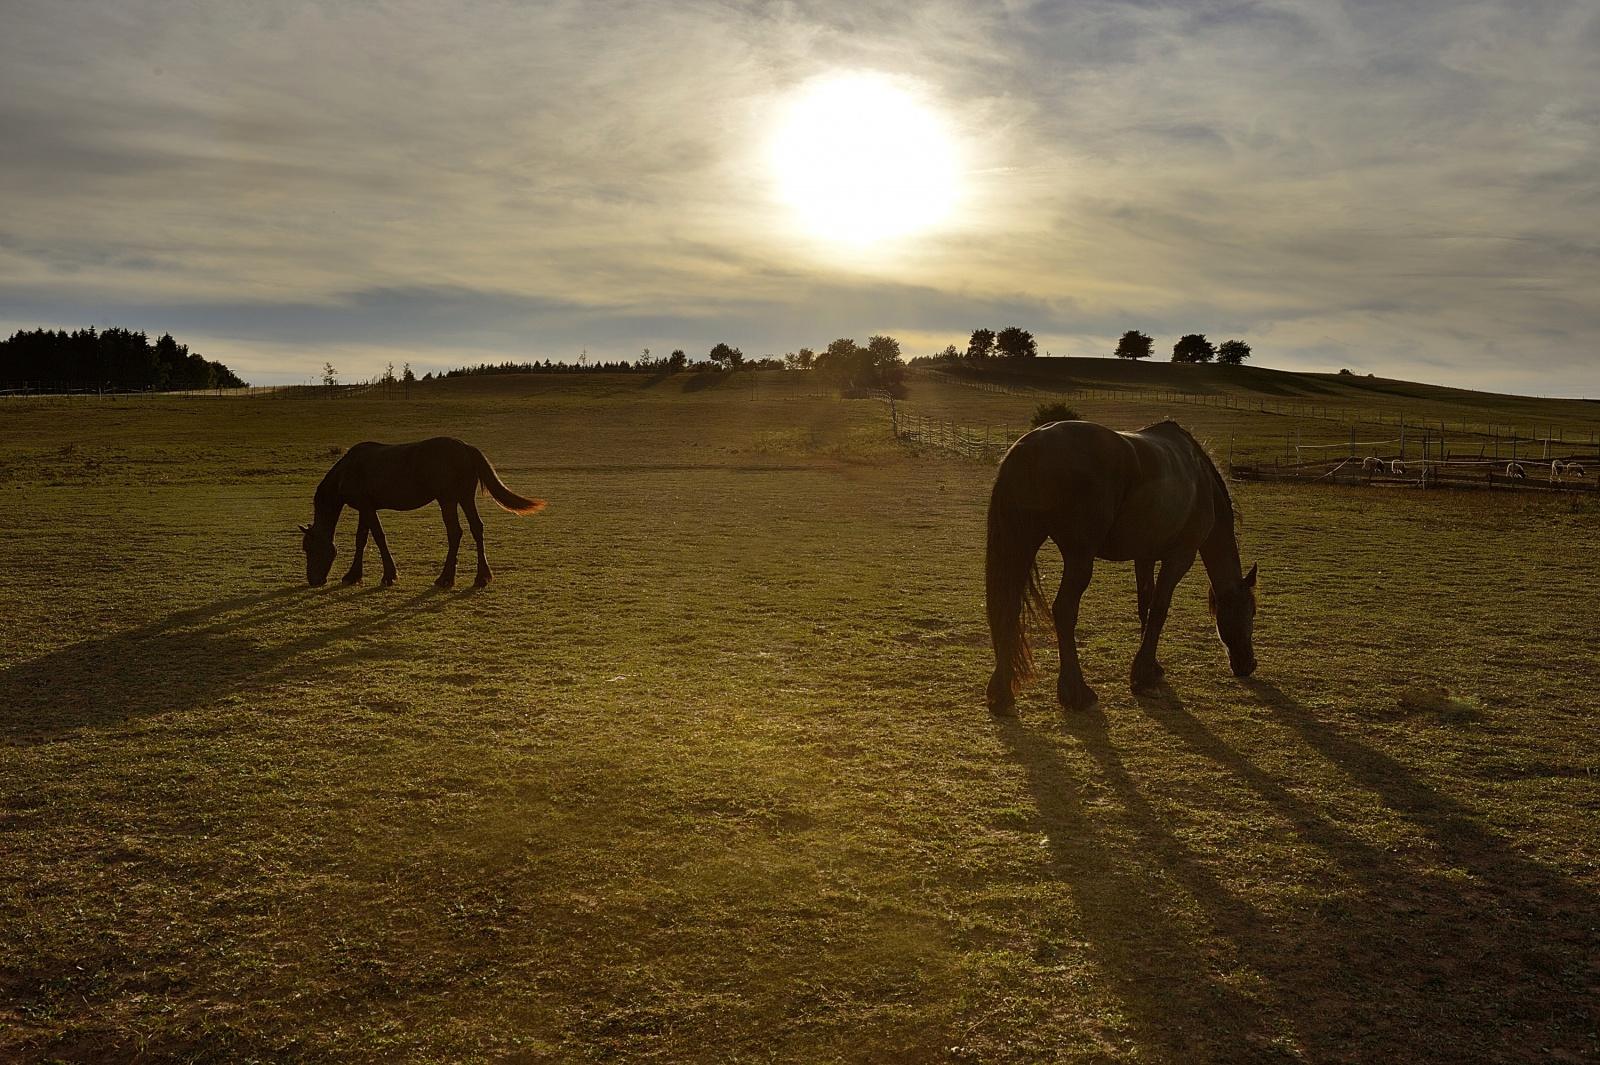 Západ slunce u koní